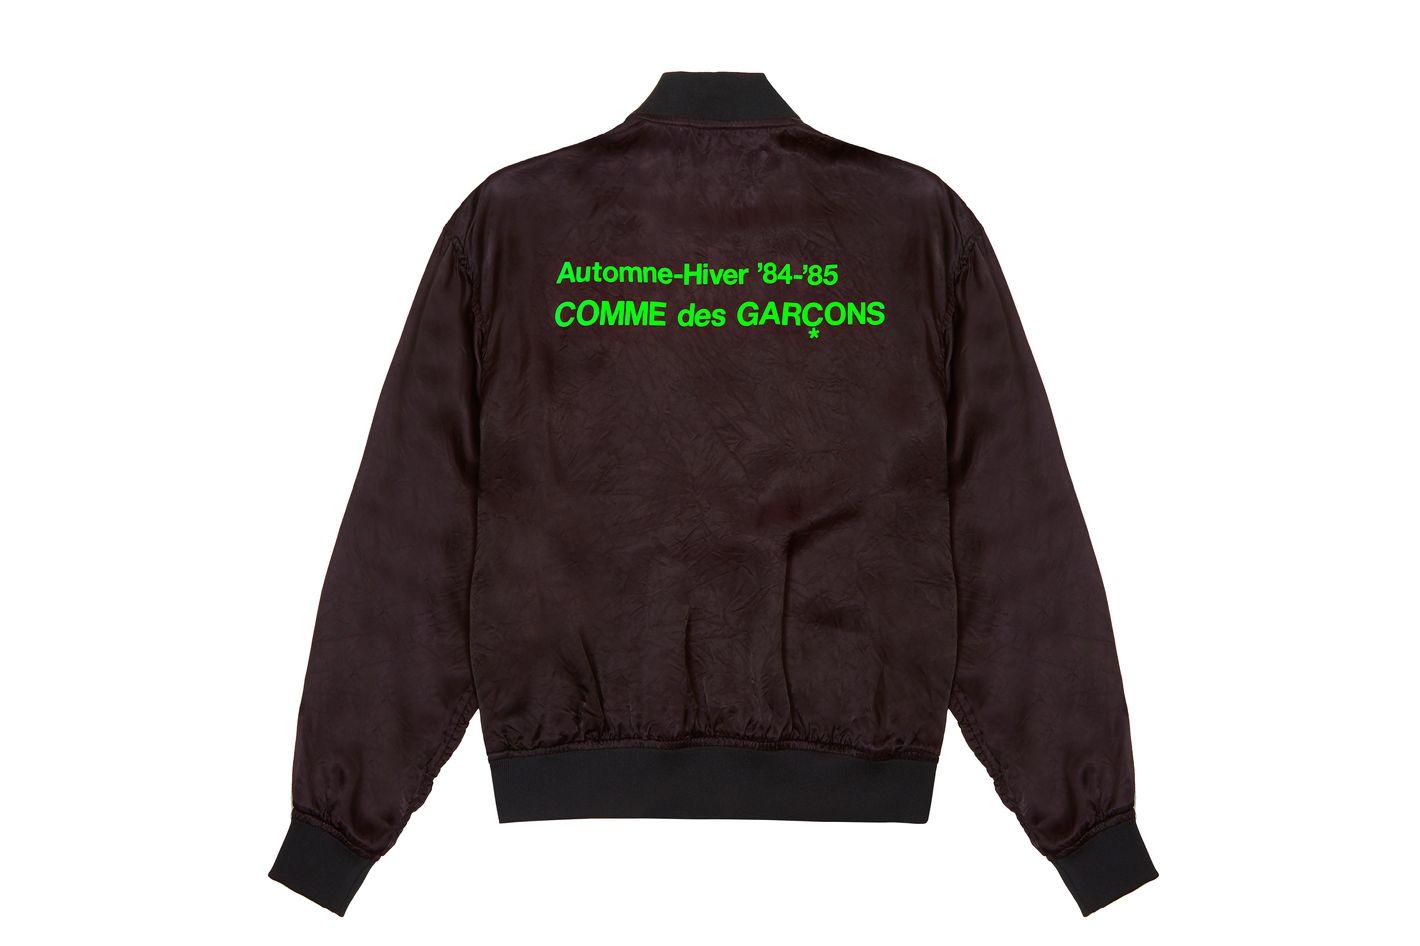 af98edba3009 Comme des Garçons  CDG Brand Launches at Dover Street Market